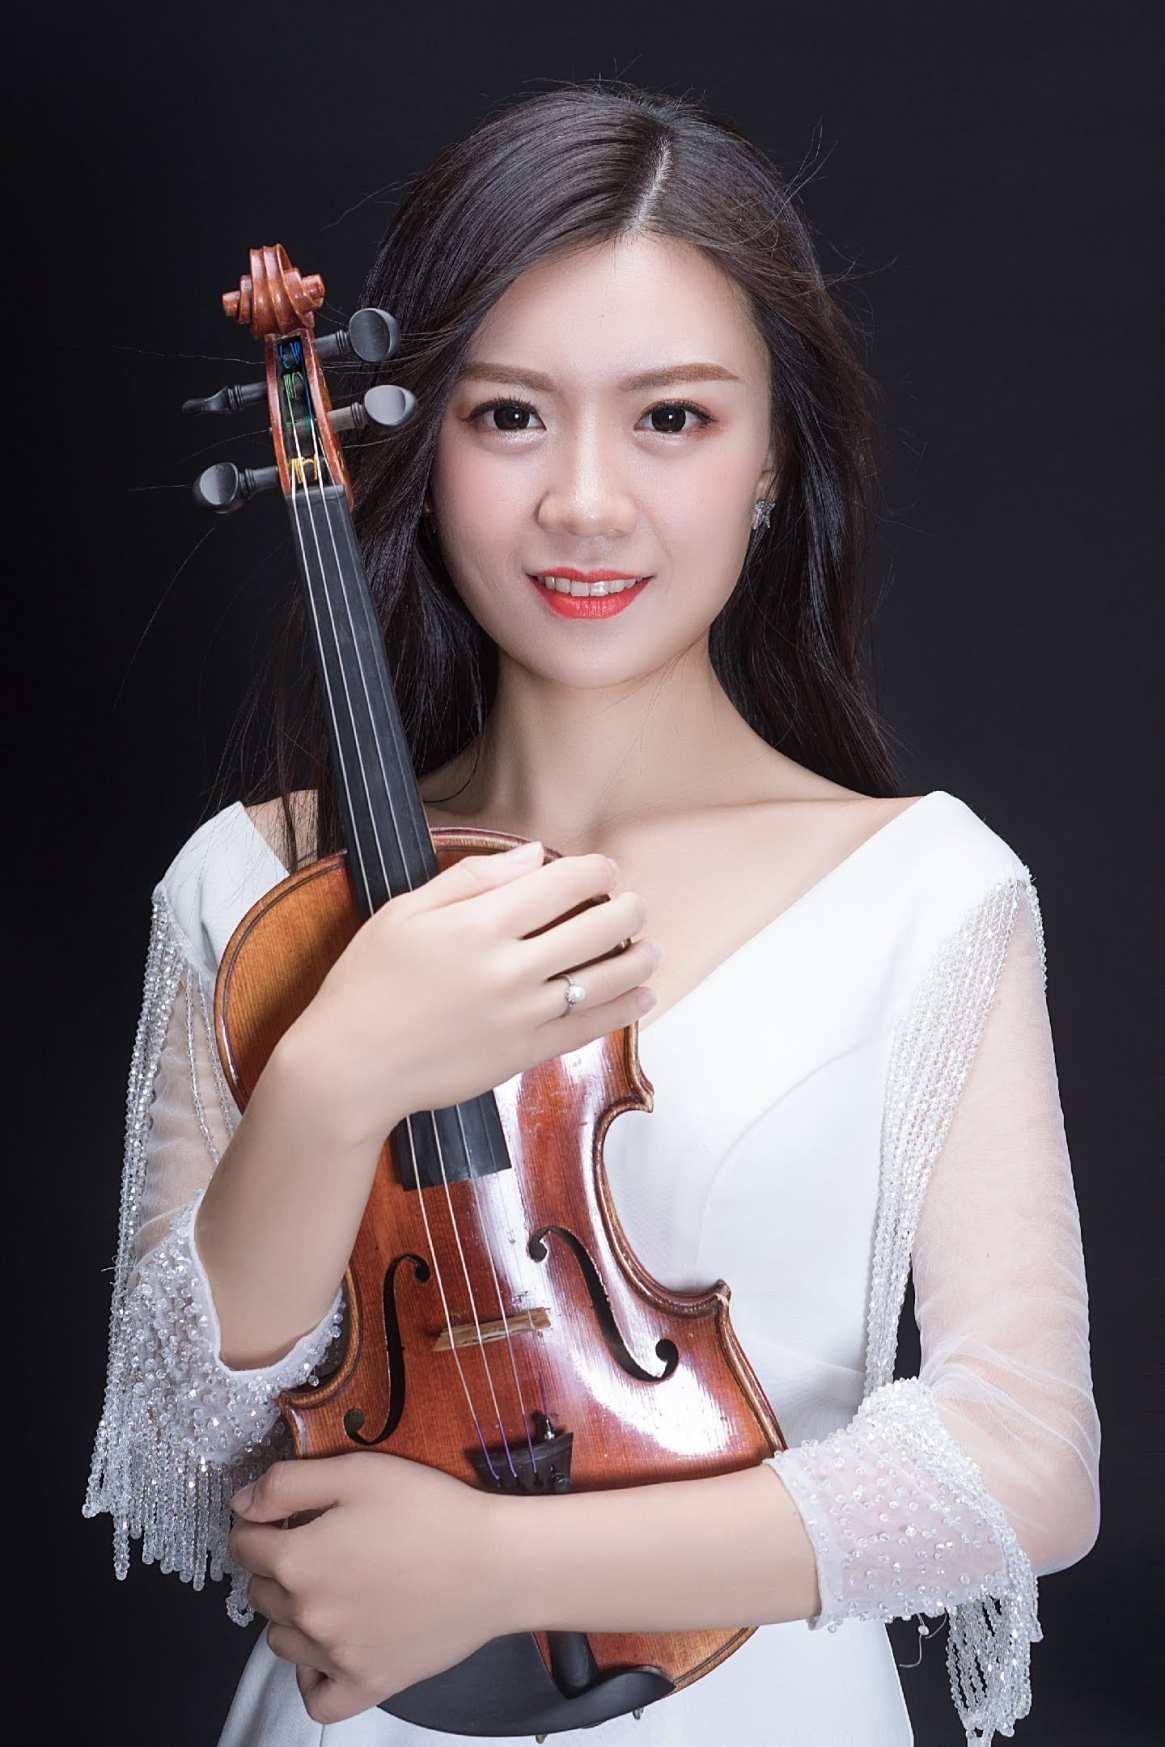 Fei Tong